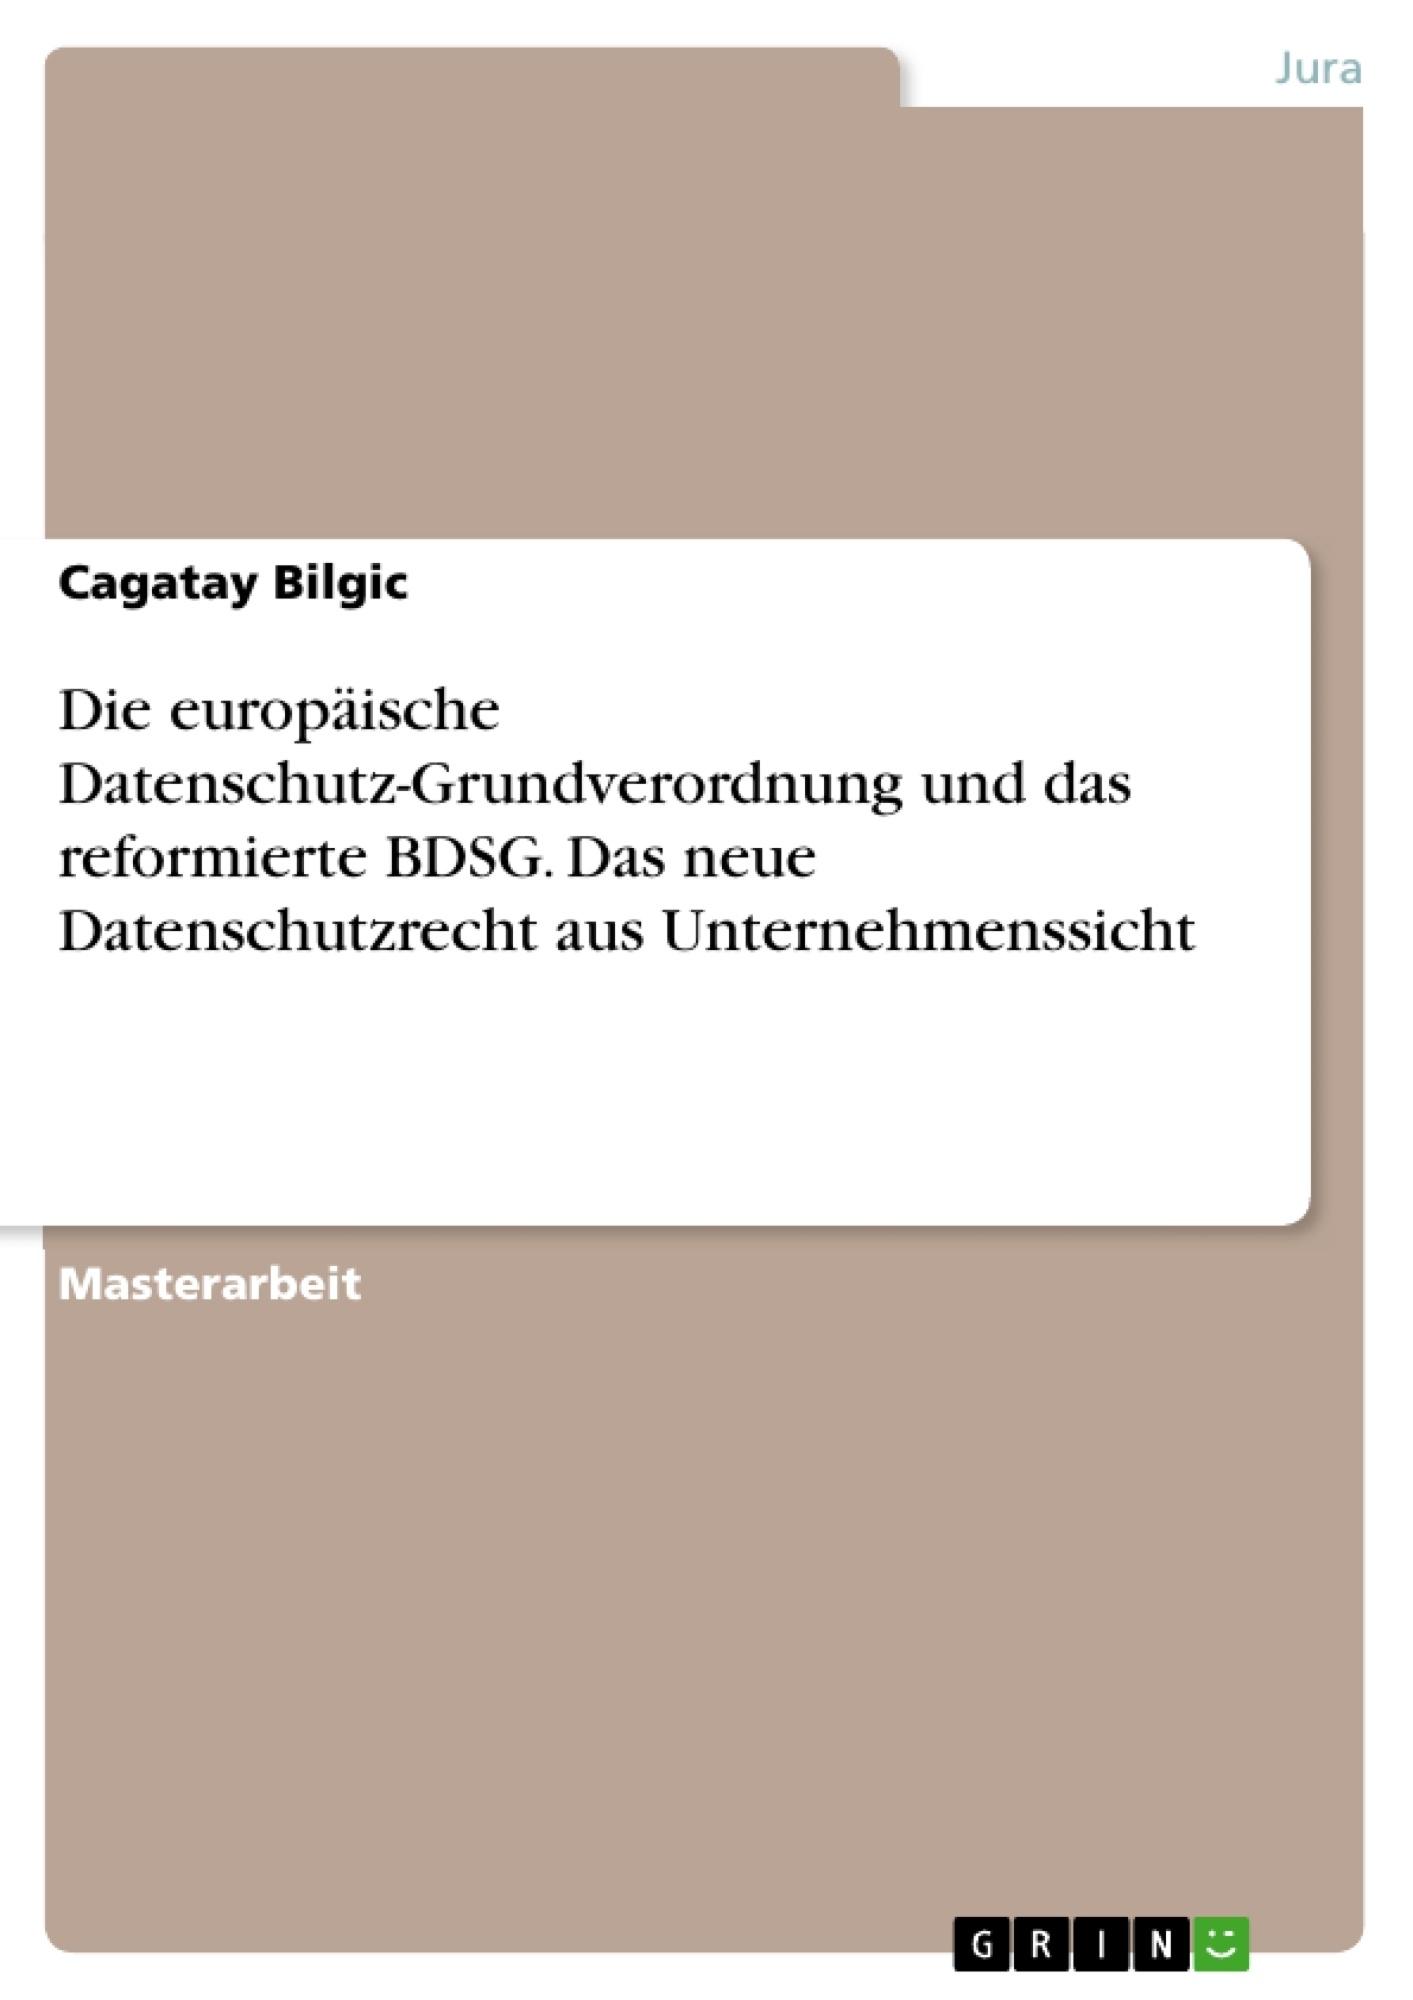 Titel: Die europäische Datenschutz-Grundverordnung und das reformierte BDSG. Das neue Datenschutzrecht aus Unternehmenssicht